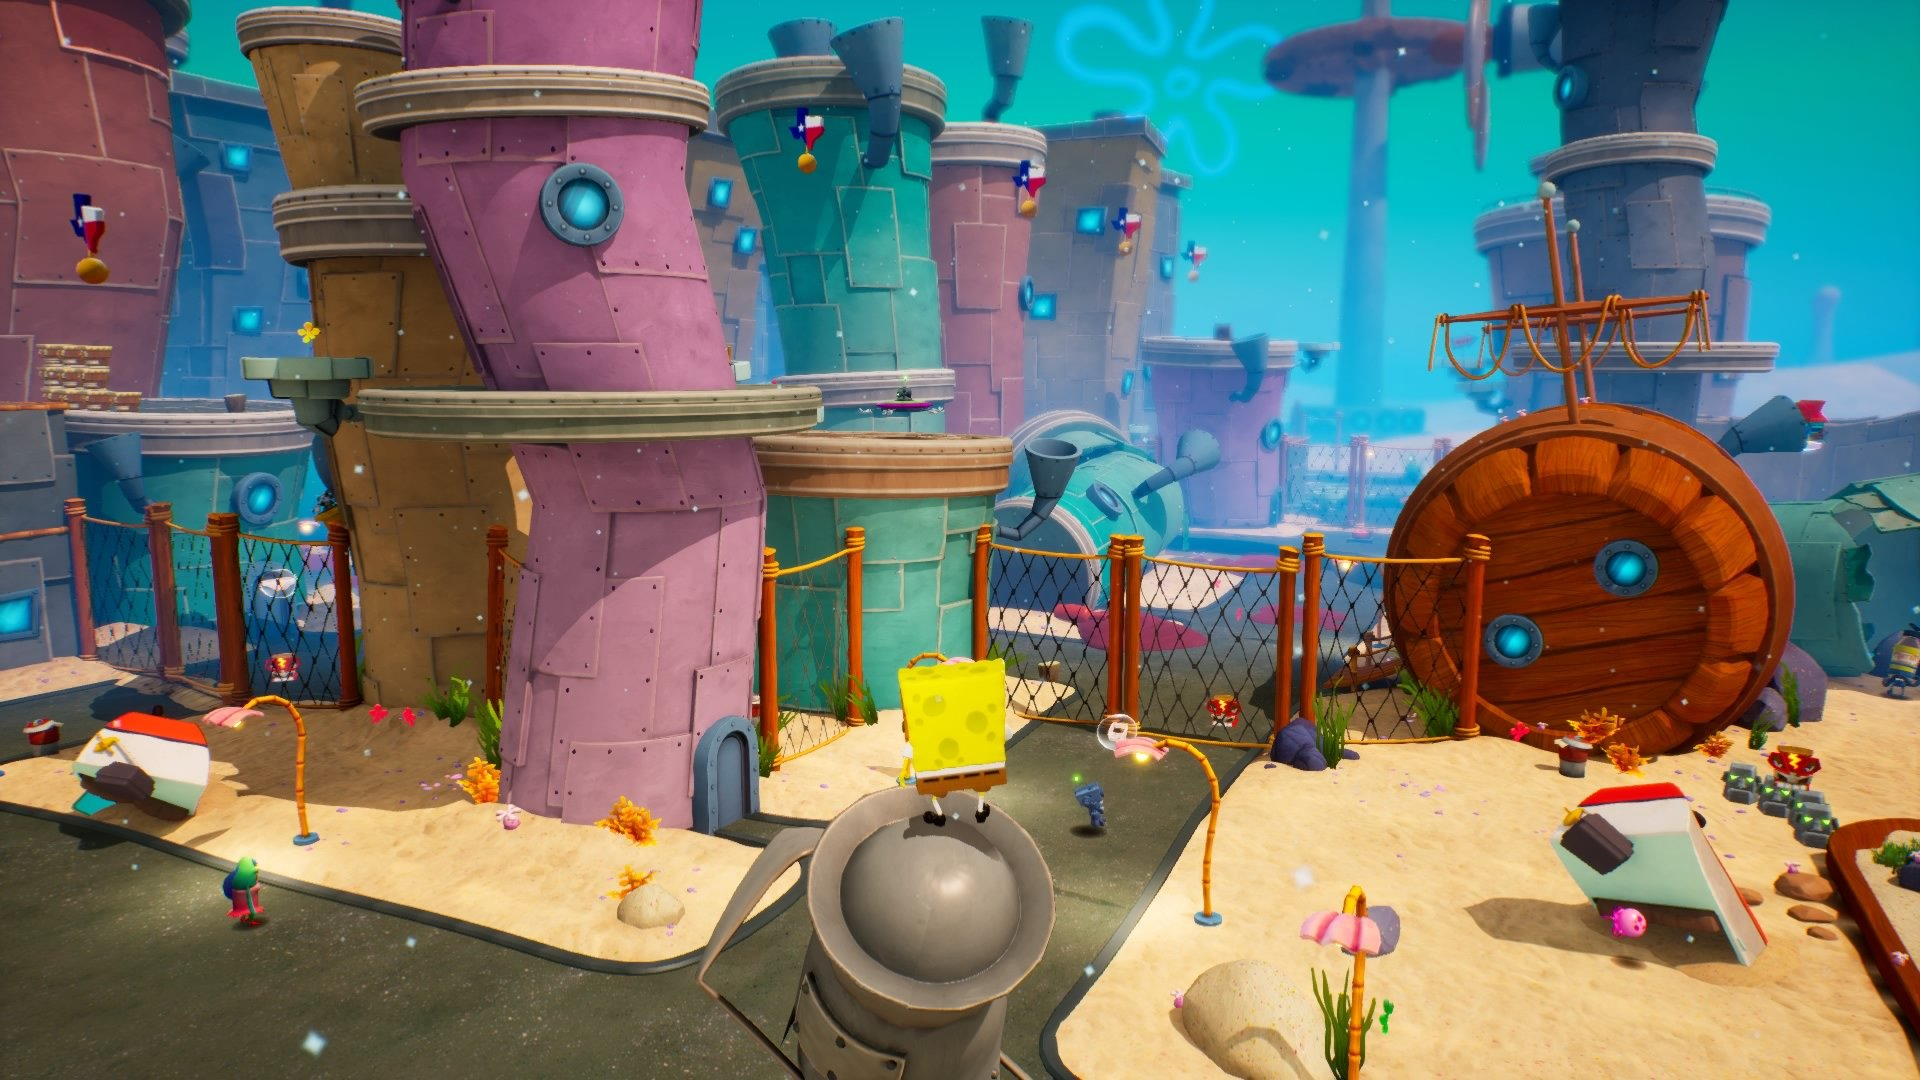 Recenzja SpongeBob SquarePants: Battle for Bikini Bottom - Rehydrated. Naprawdę udany tytuł nie tylko dla najmłodszych 21